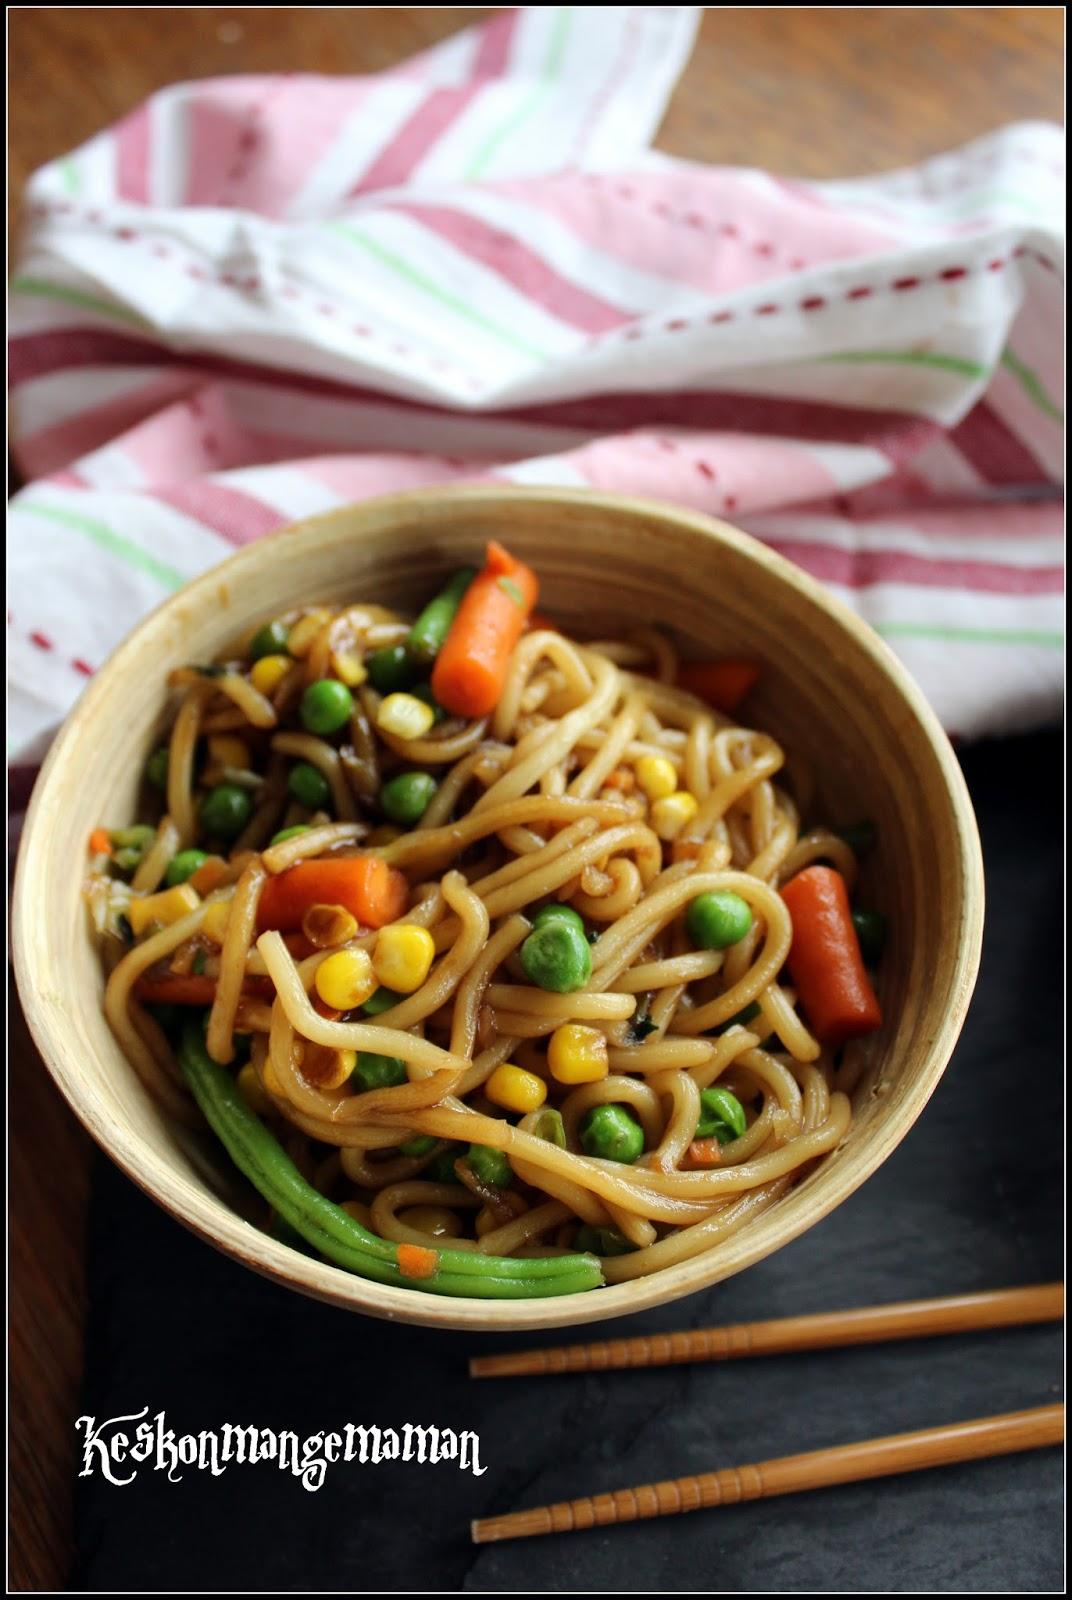 Keskonmangemaman nouilles udon aux petits l gumes for Cuire legumes micro onde